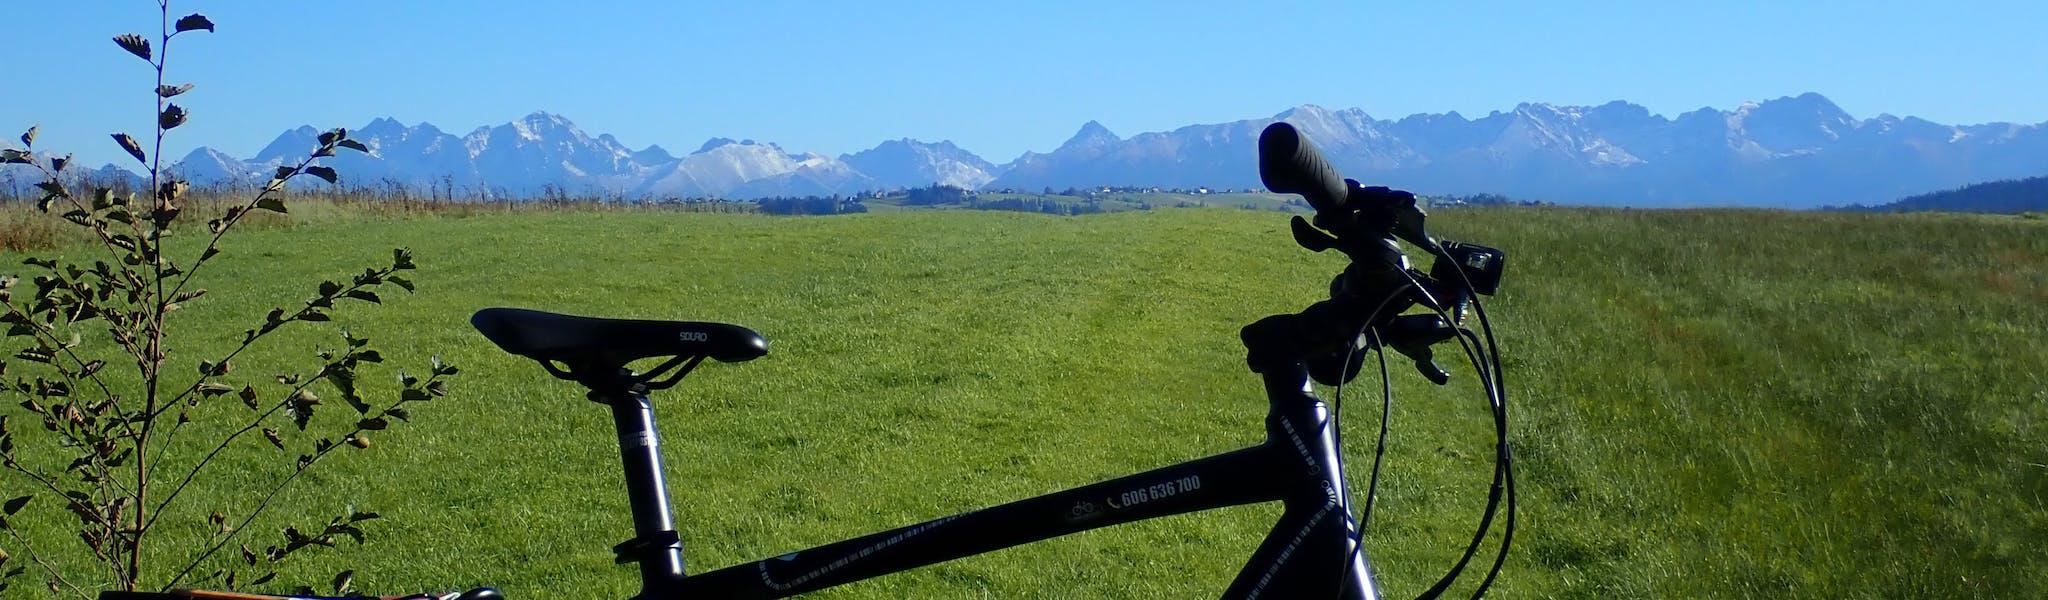 algemeen fietsen Polen